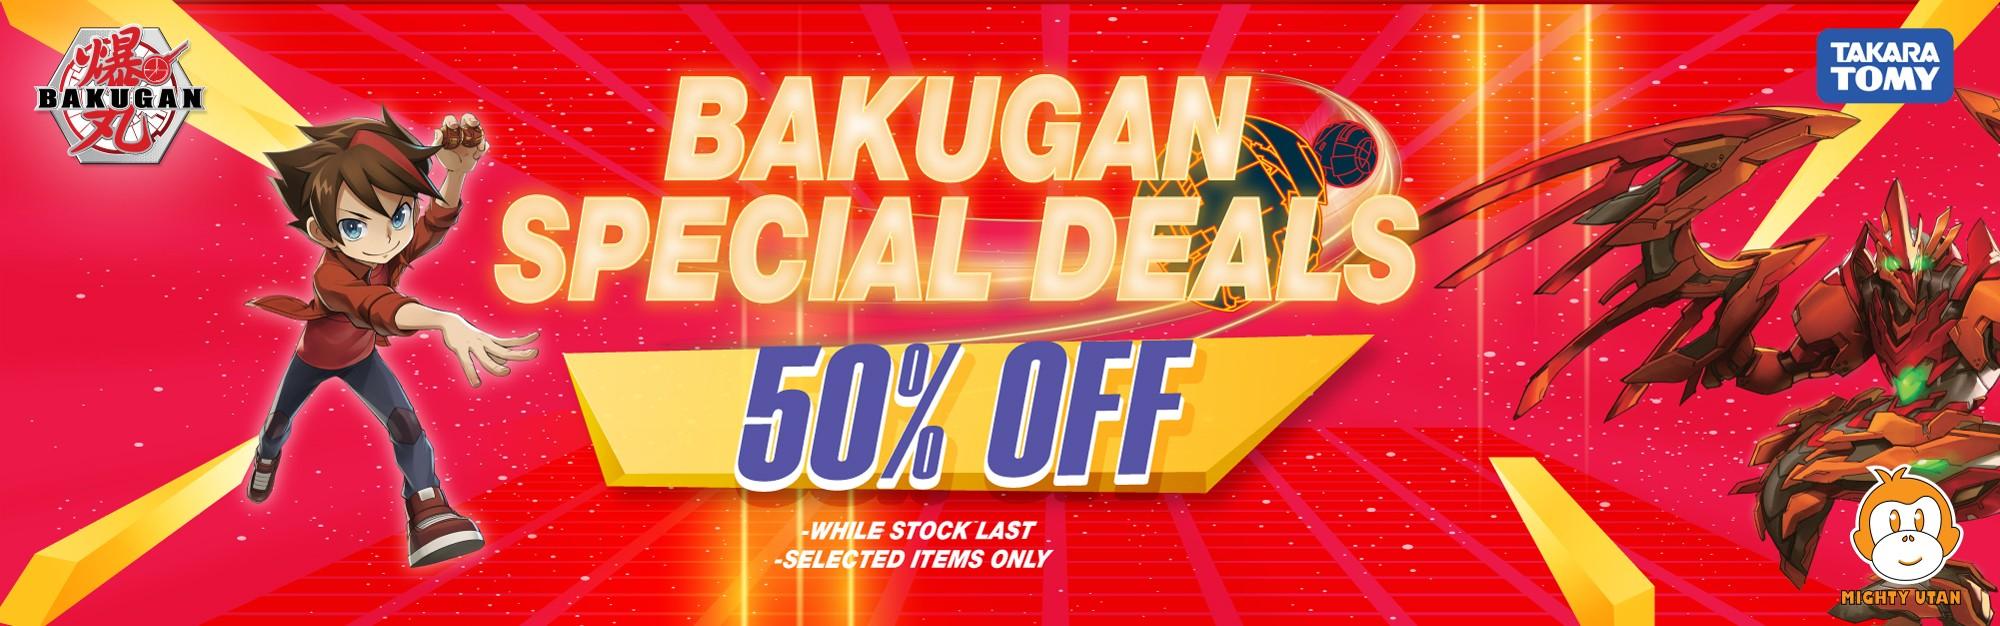 MU Bakugan Special Deals 50% off